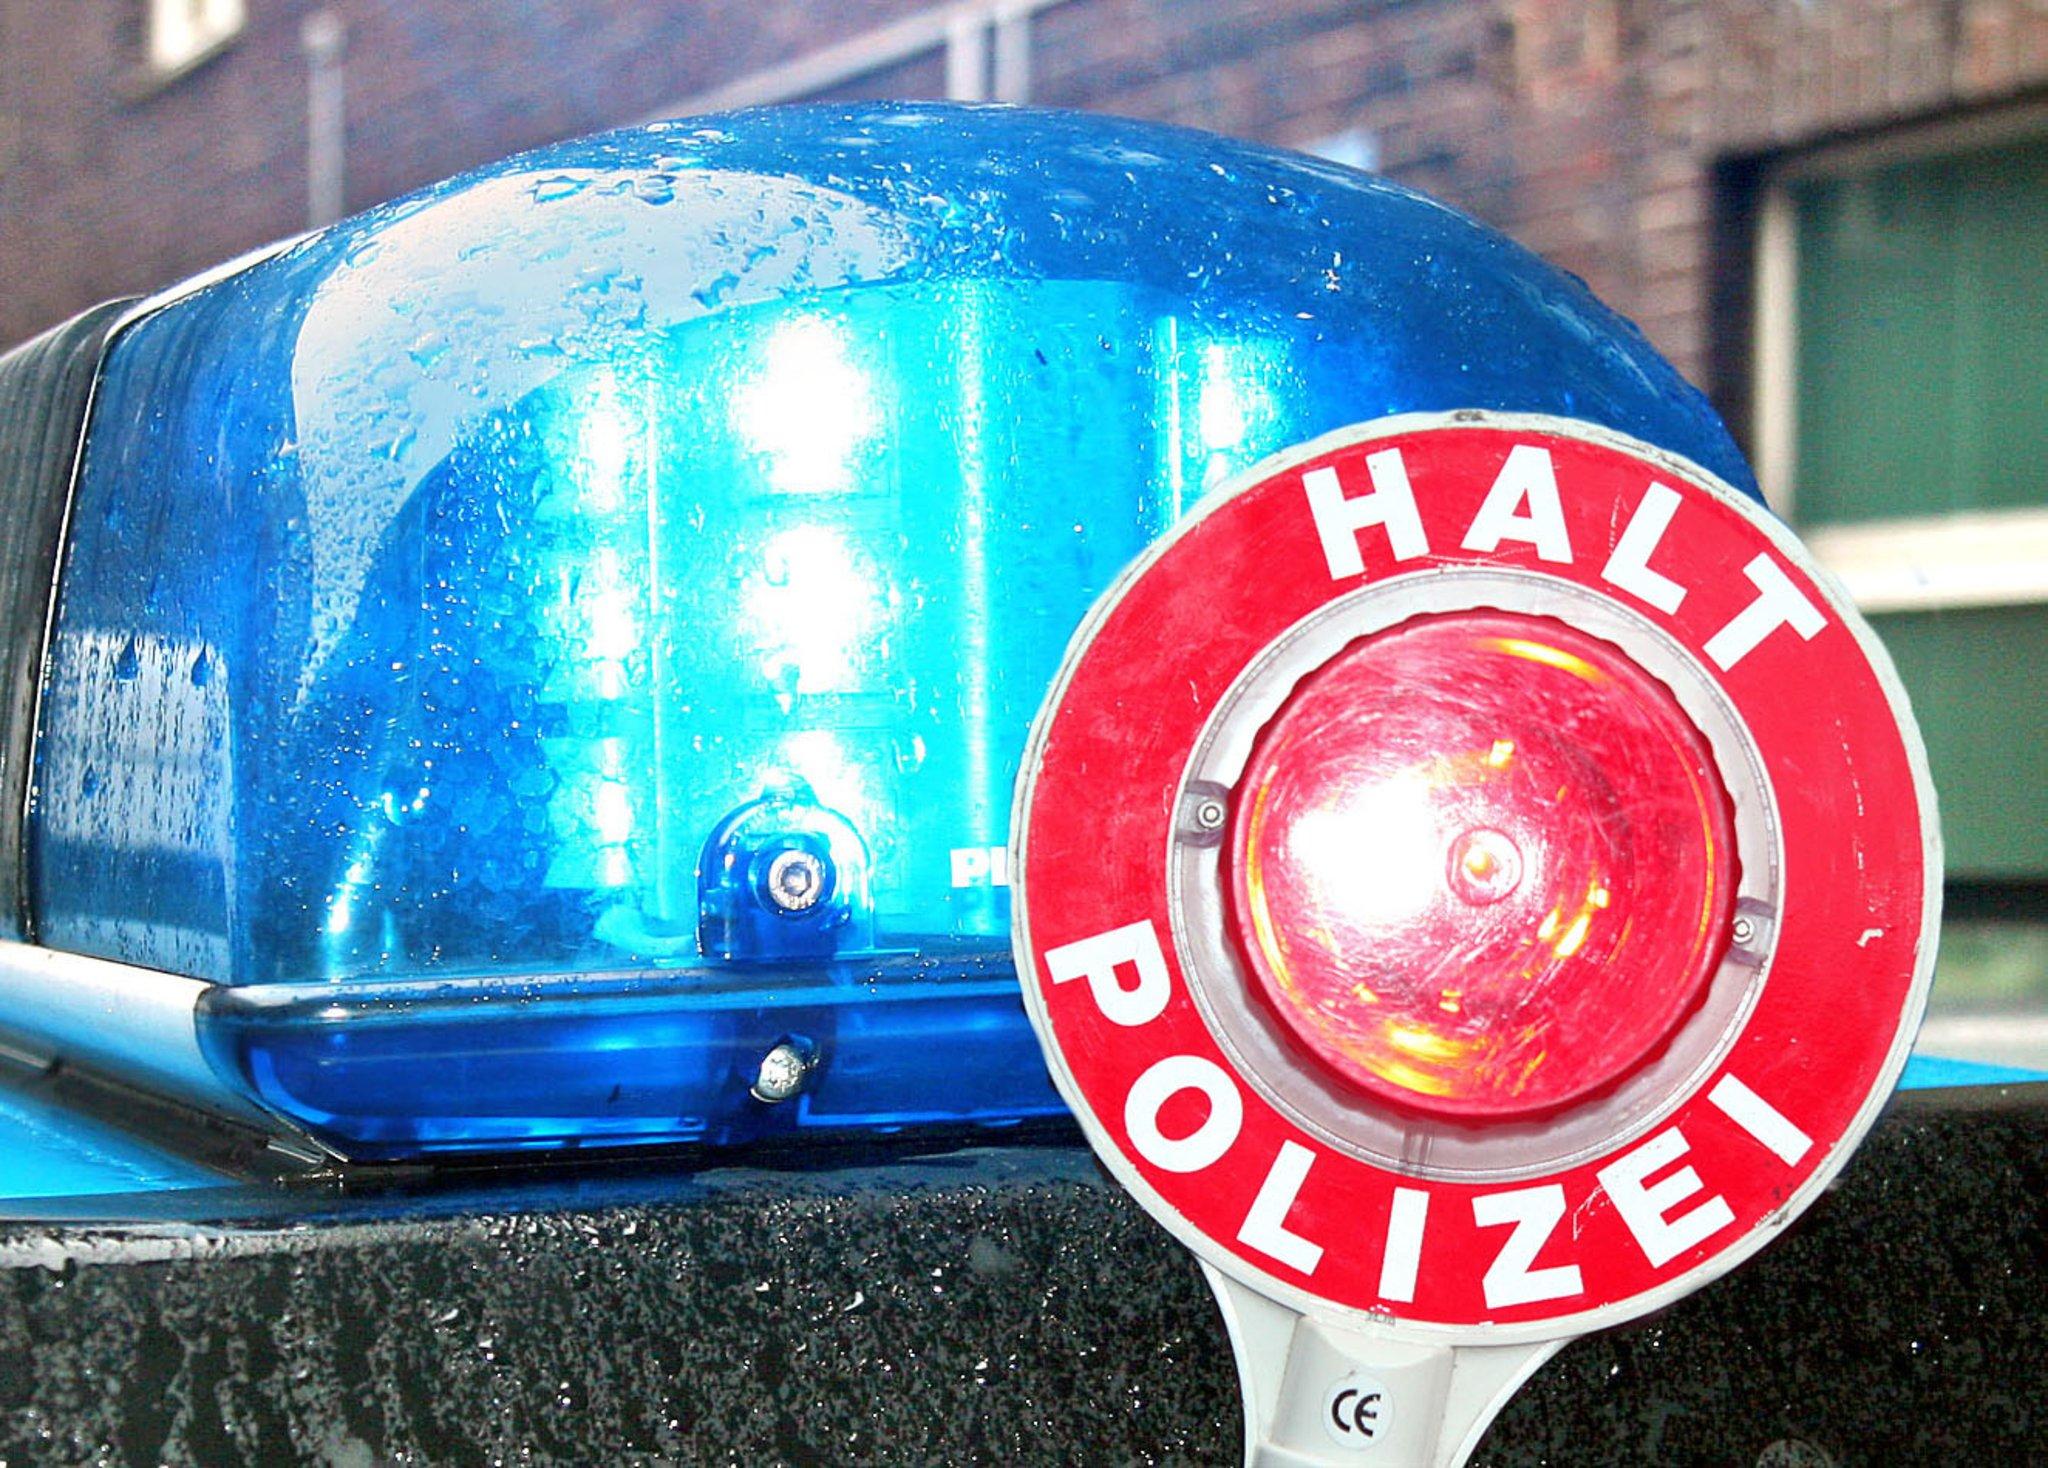 Marl: Autofahrer kümmert sich nicht um verletzte Schülerin (10) - Marl - Lokalkompass.de